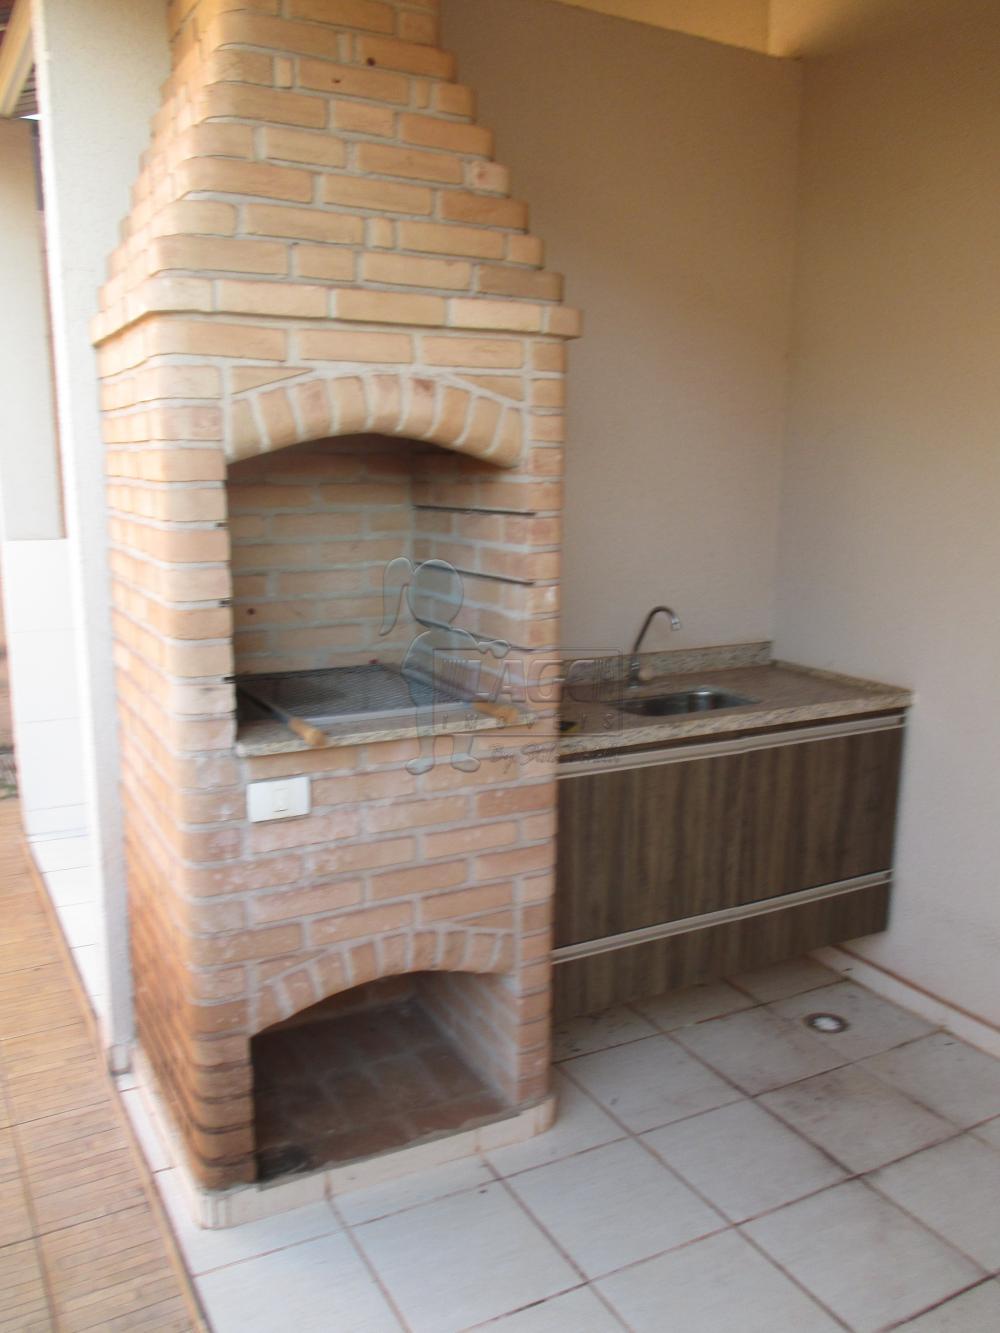 Alugar Casas / Condomínio em Ribeirão Preto apenas R$ 1.750,00 - Foto 3